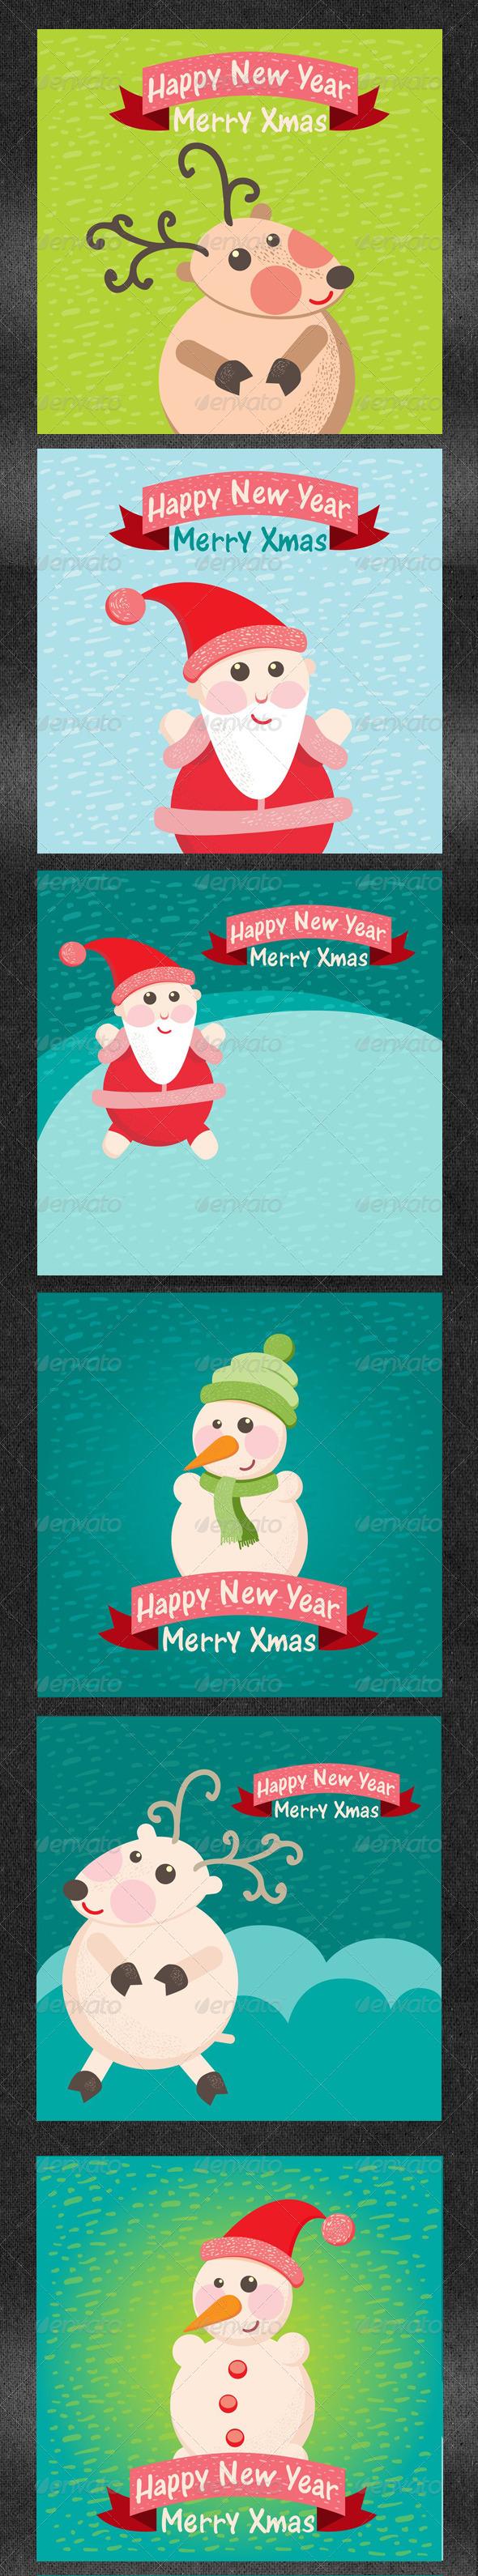 Christmas Greeting Card Part 2 - Christmas Seasons/Holidays